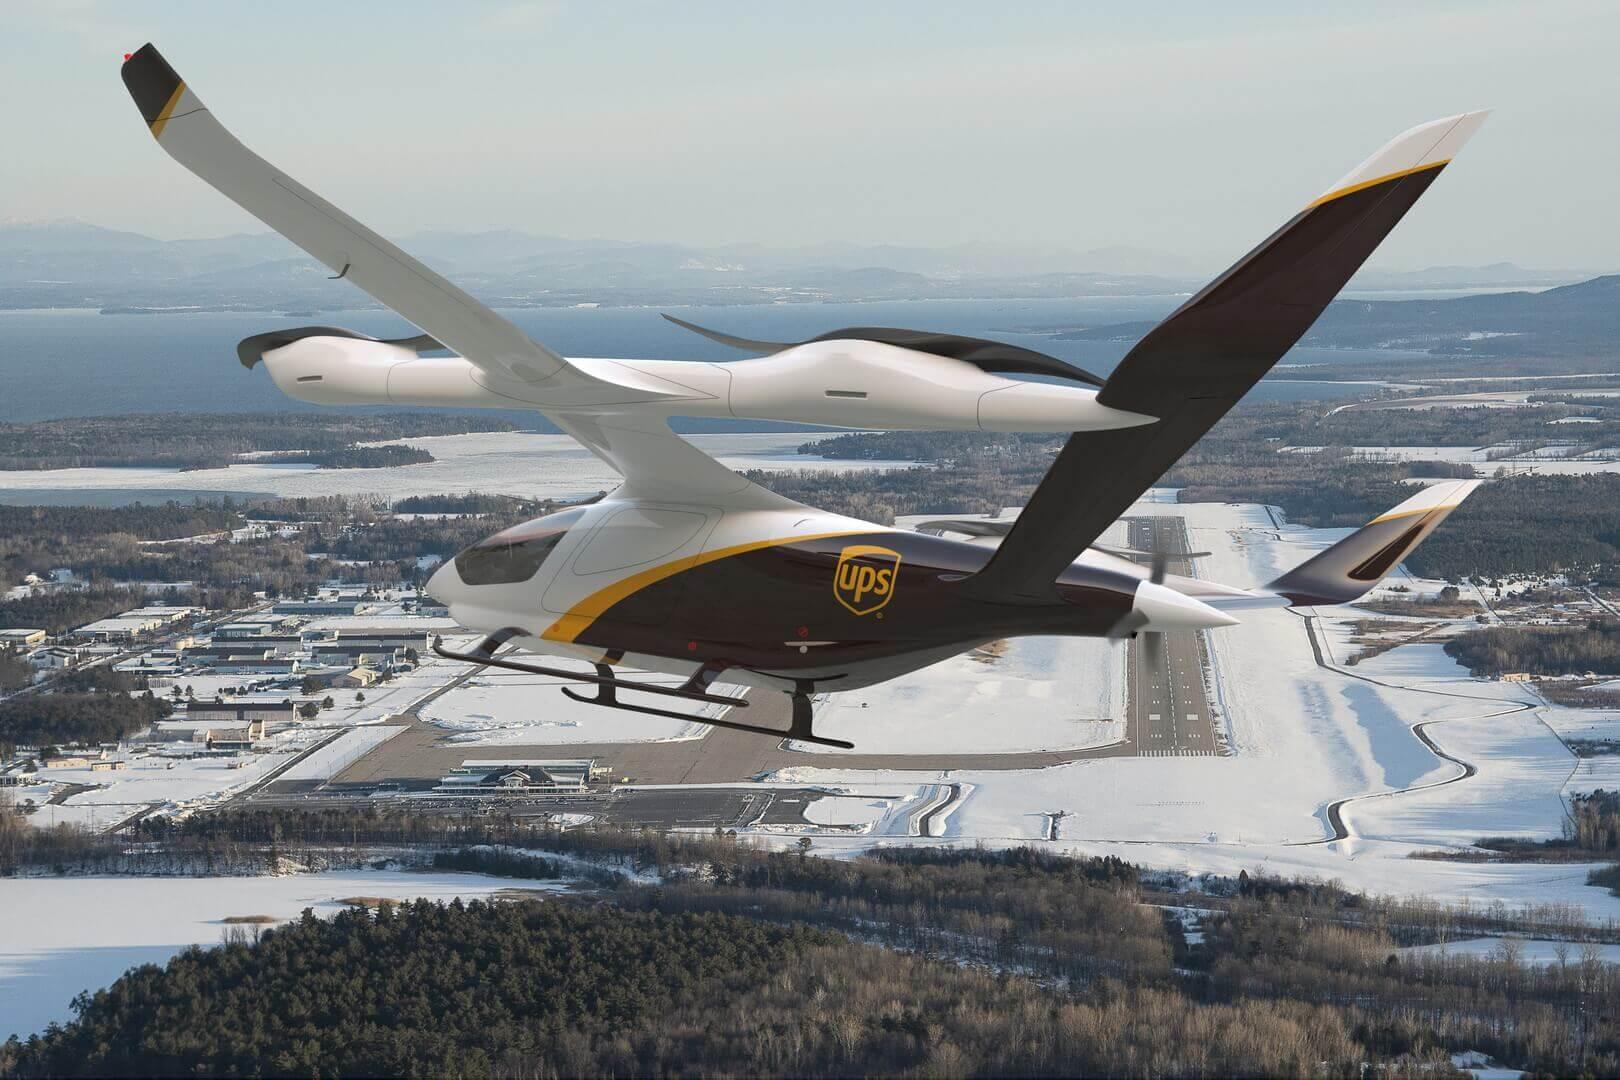 Электрический самолет с вертикальным взлетом и посадкой (eVTOL) Beta Technologies